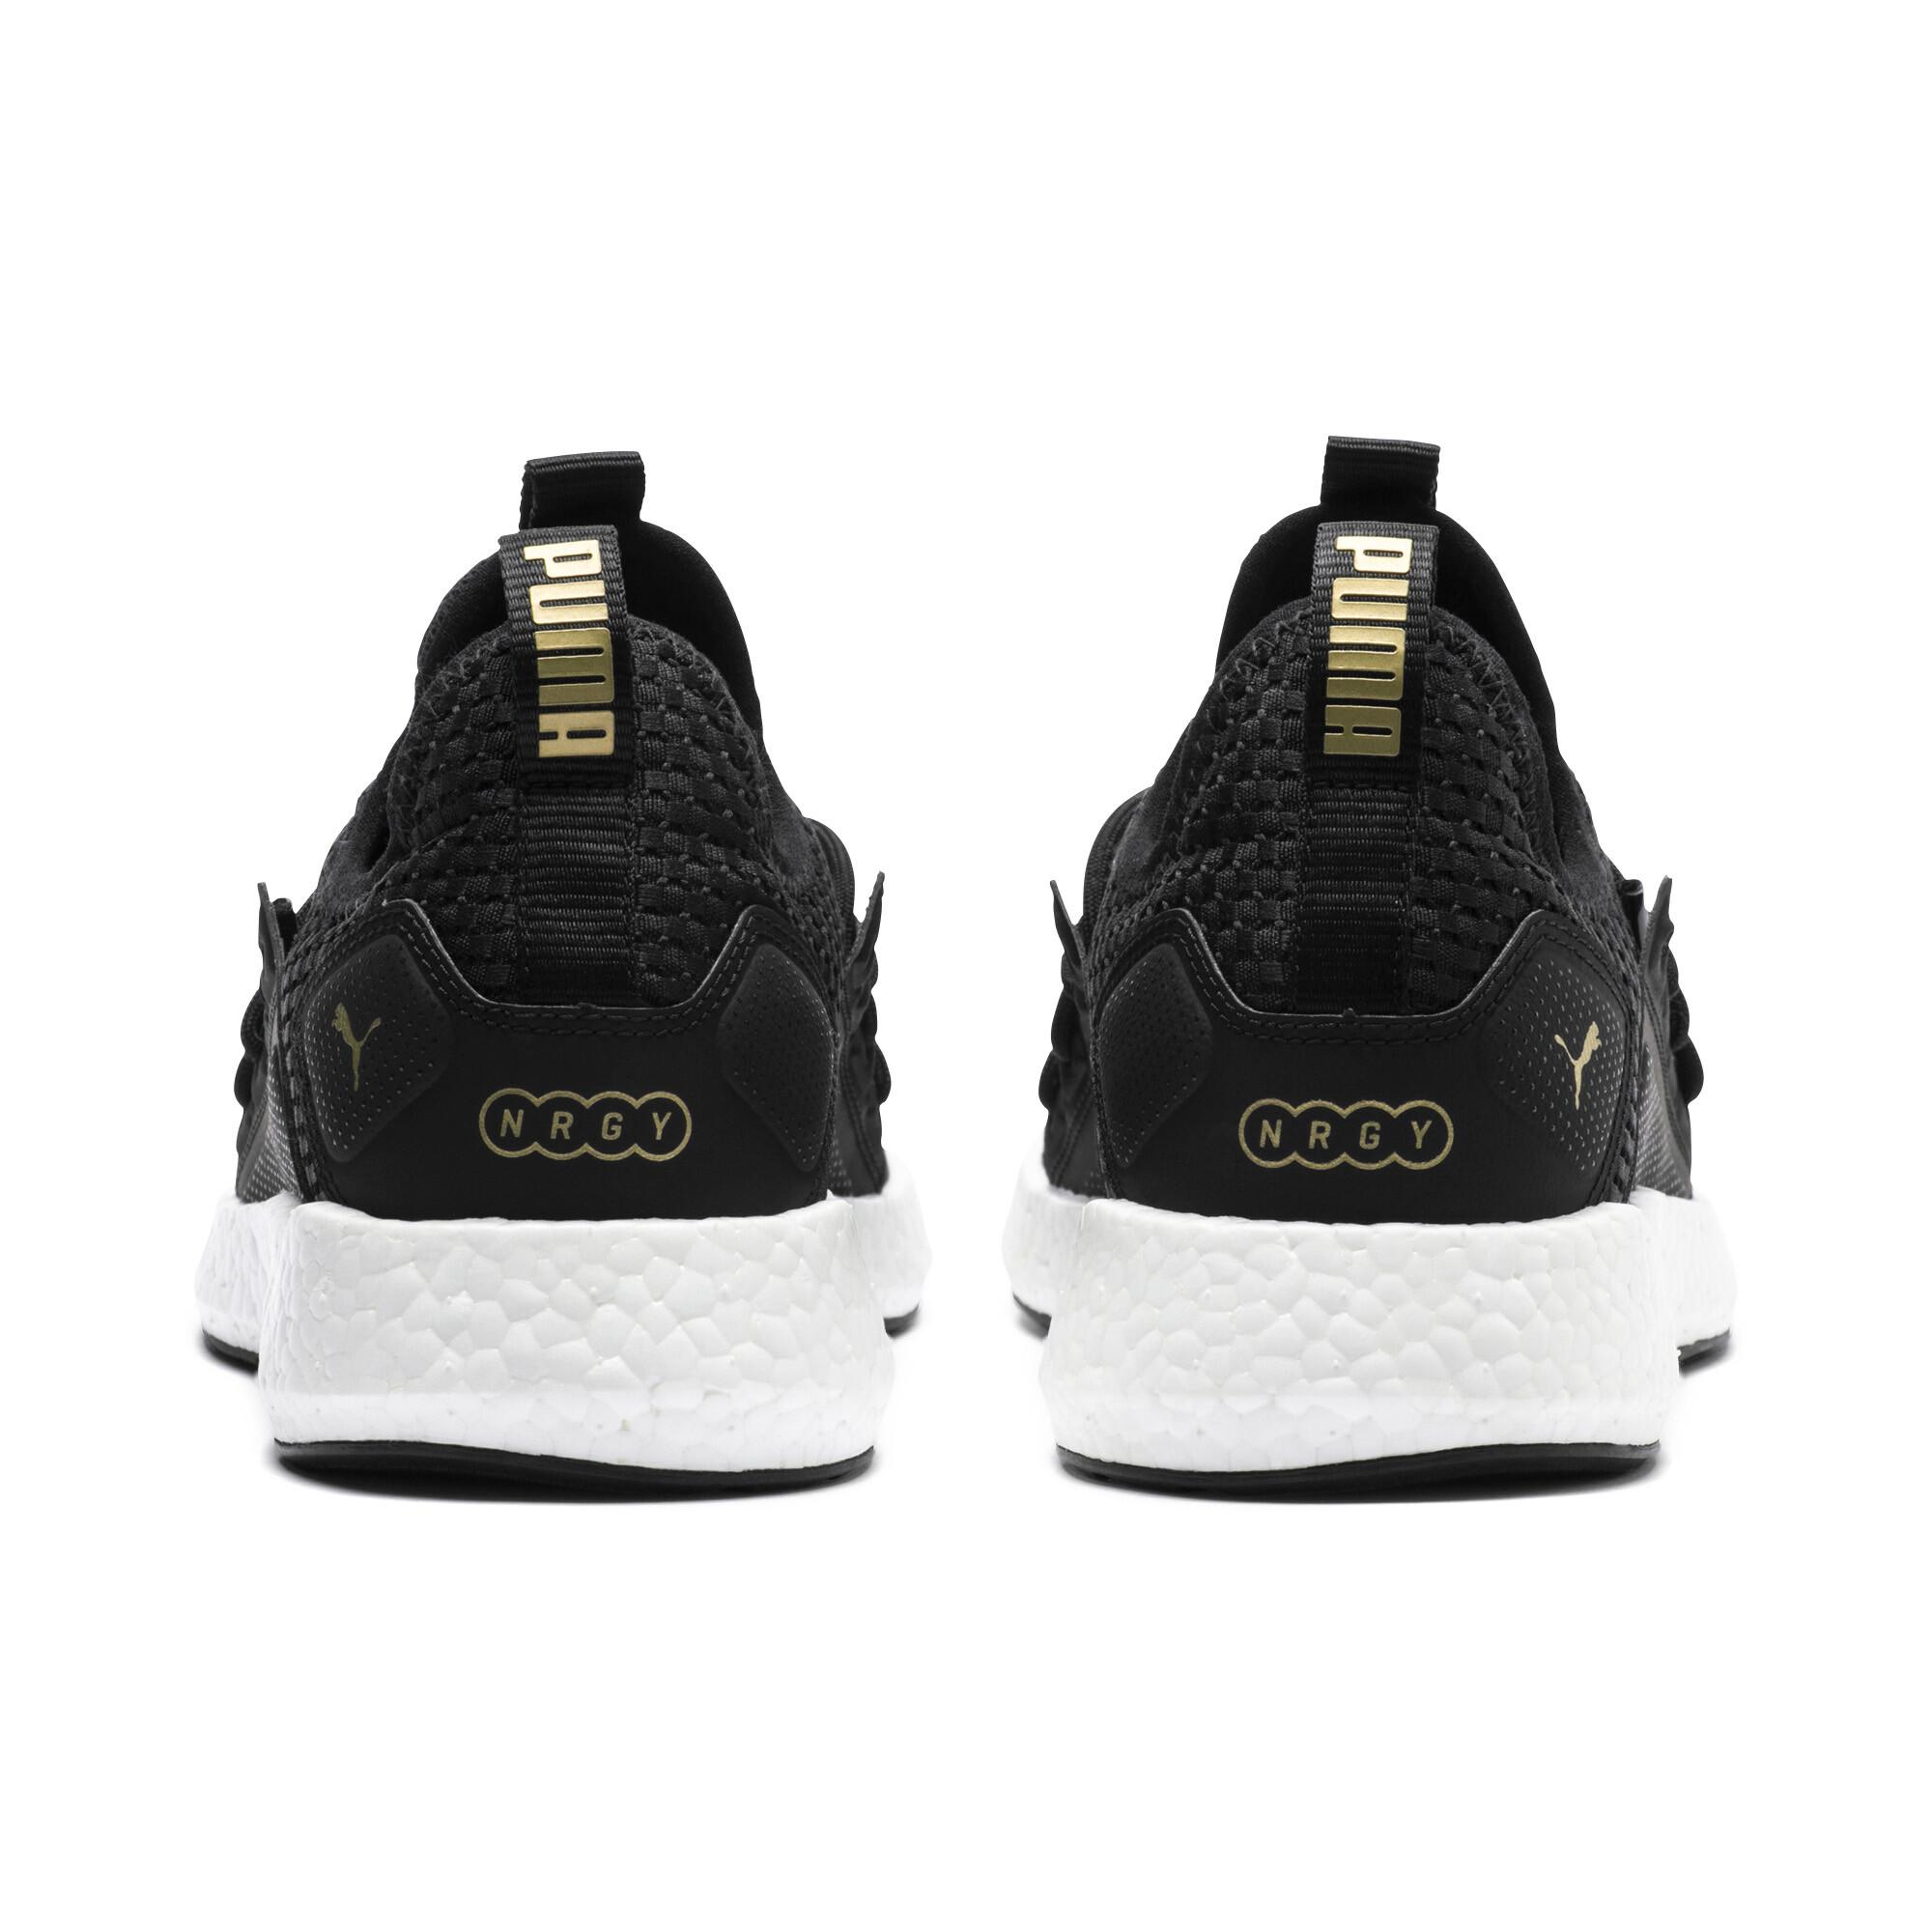 separation shoes 95020 6660c Image Puma NRGY Neko Women's Varsity Running Shoes #4